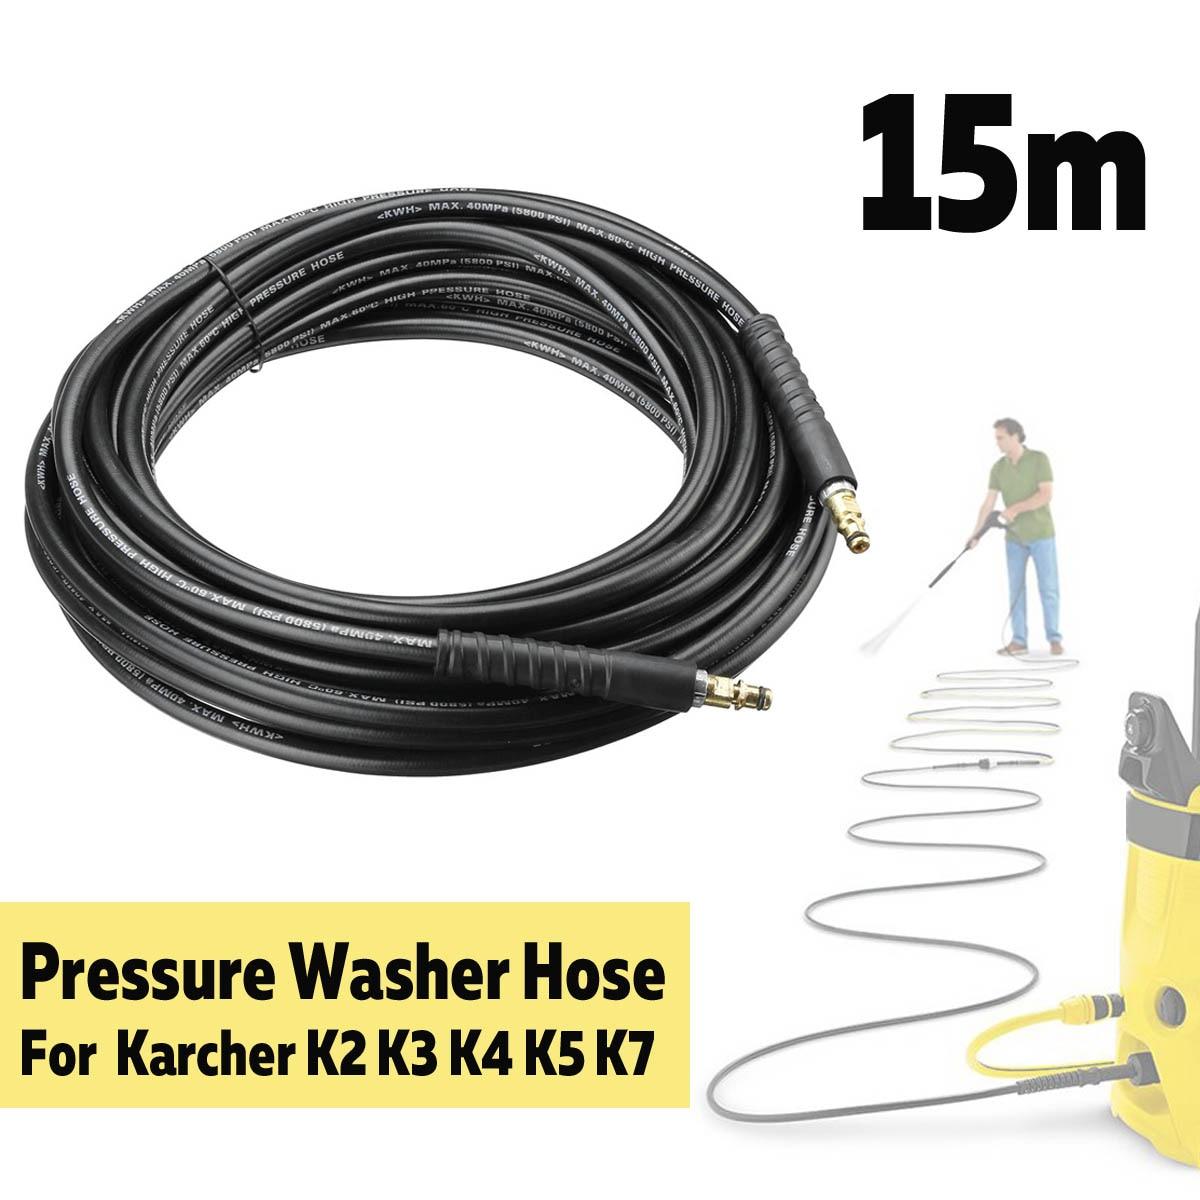 Tuyau de lavage haute pression 15 m 40MPa 5800PSI Tube de nettoyage en cuivre pur cordon de rallonge de lavage de voiture pour Karcher K2 K3 K4 K5 K7Tuyau de lavage haute pression 15 m 40MPa 5800PSI Tube de nettoyage en cuivre pur cordon de rallonge de lavage de voiture pour Karcher K2 K3 K4 K5 K7